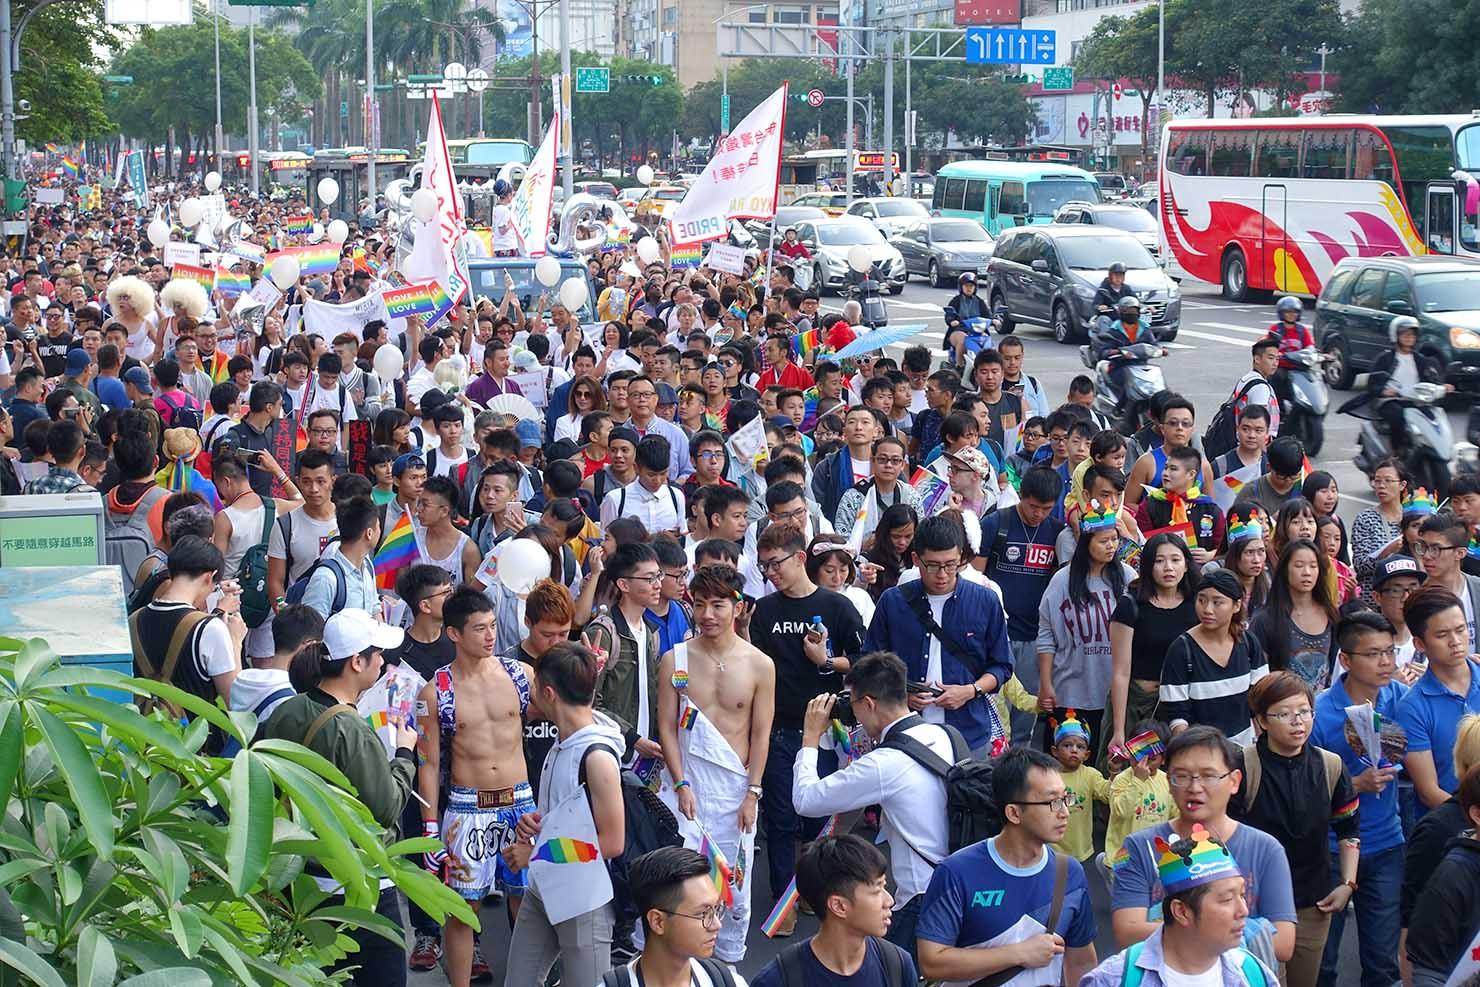 台湾LGBTプライド(台灣同志遊行)2017で台北駅へと向かうパレード隊列